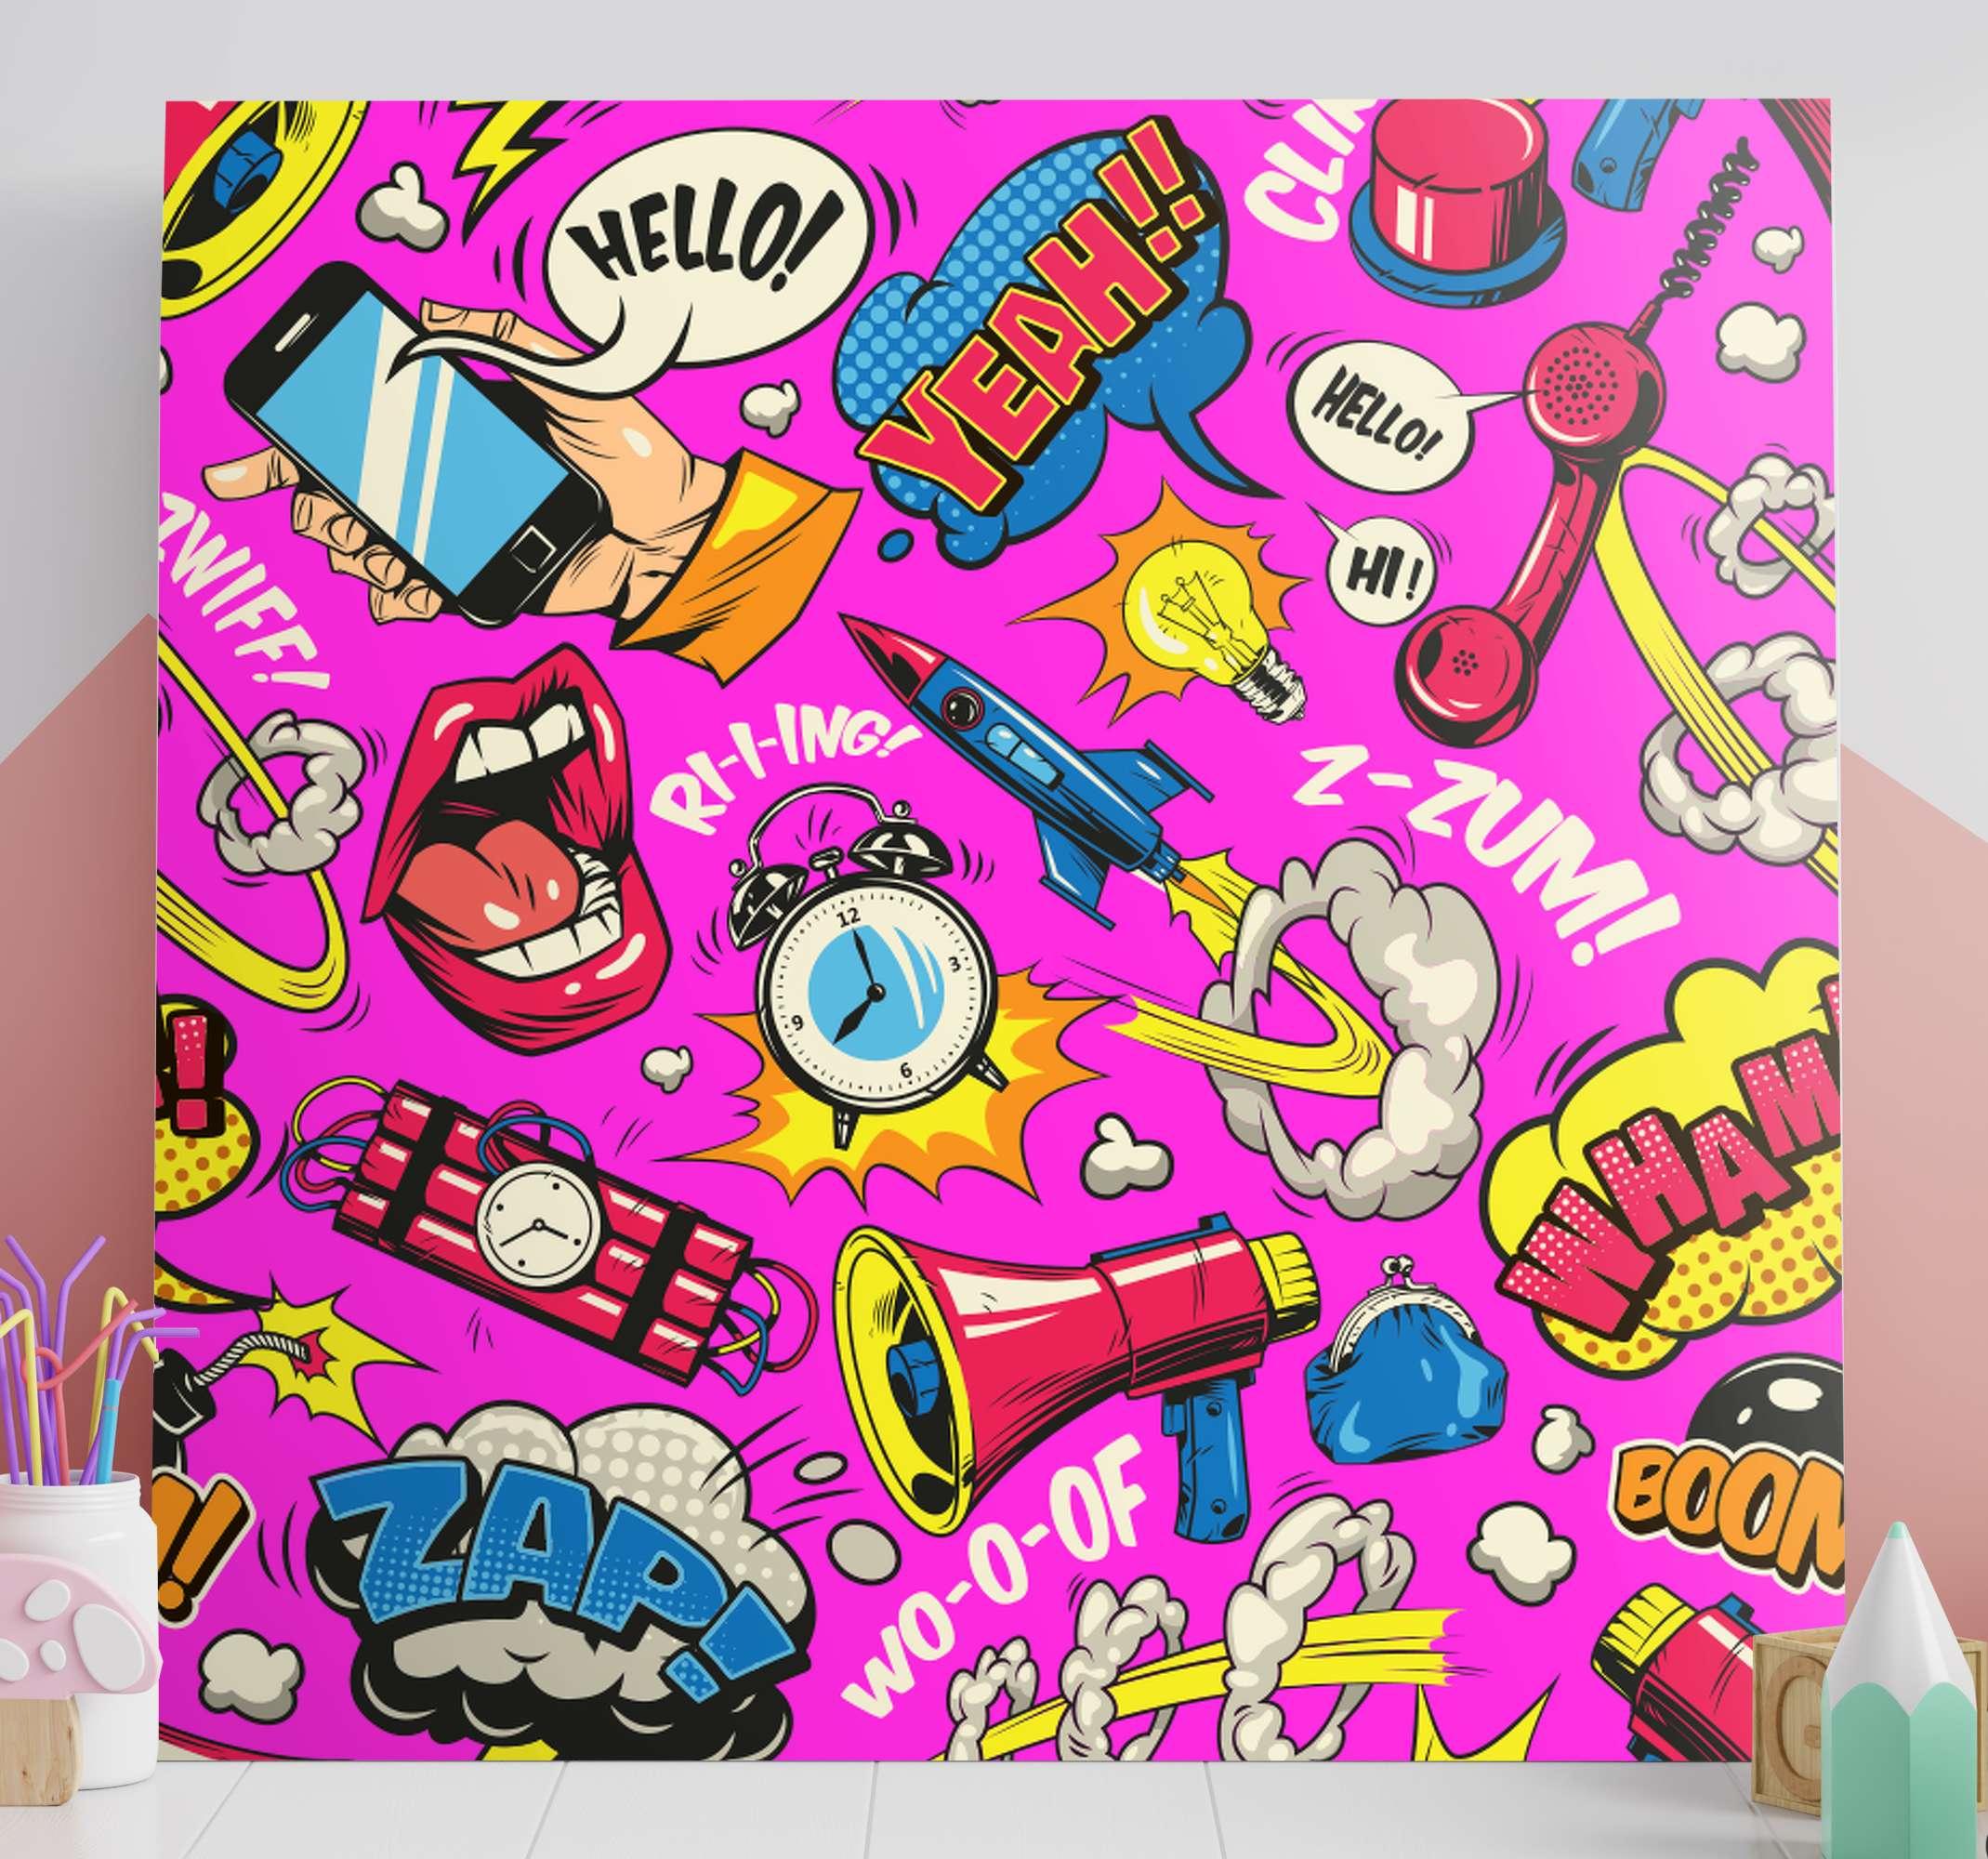 TenStickers. 明亮的卡通画布艺术. 原始的帆布设计,具有多种经典的卡通形象,包括嘴唇,泡泡和炸药。高质量。